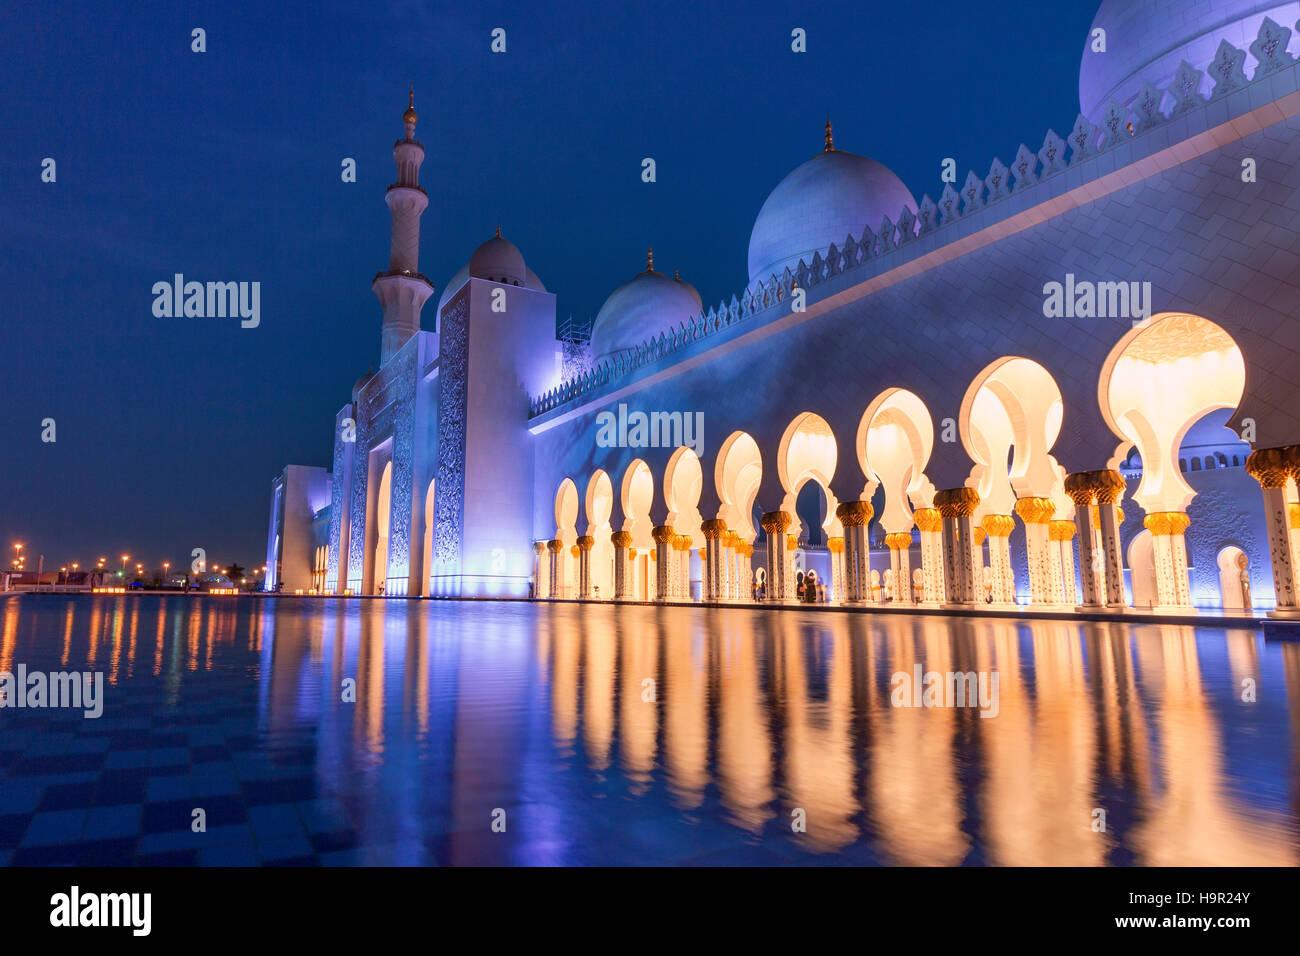 Acqua nella parte anteriore della Sheikh Zayed Grande Moschea di Abu Dhabi, Emirati Arabi Uniti, Emirati arabi uniti Immagini Stock